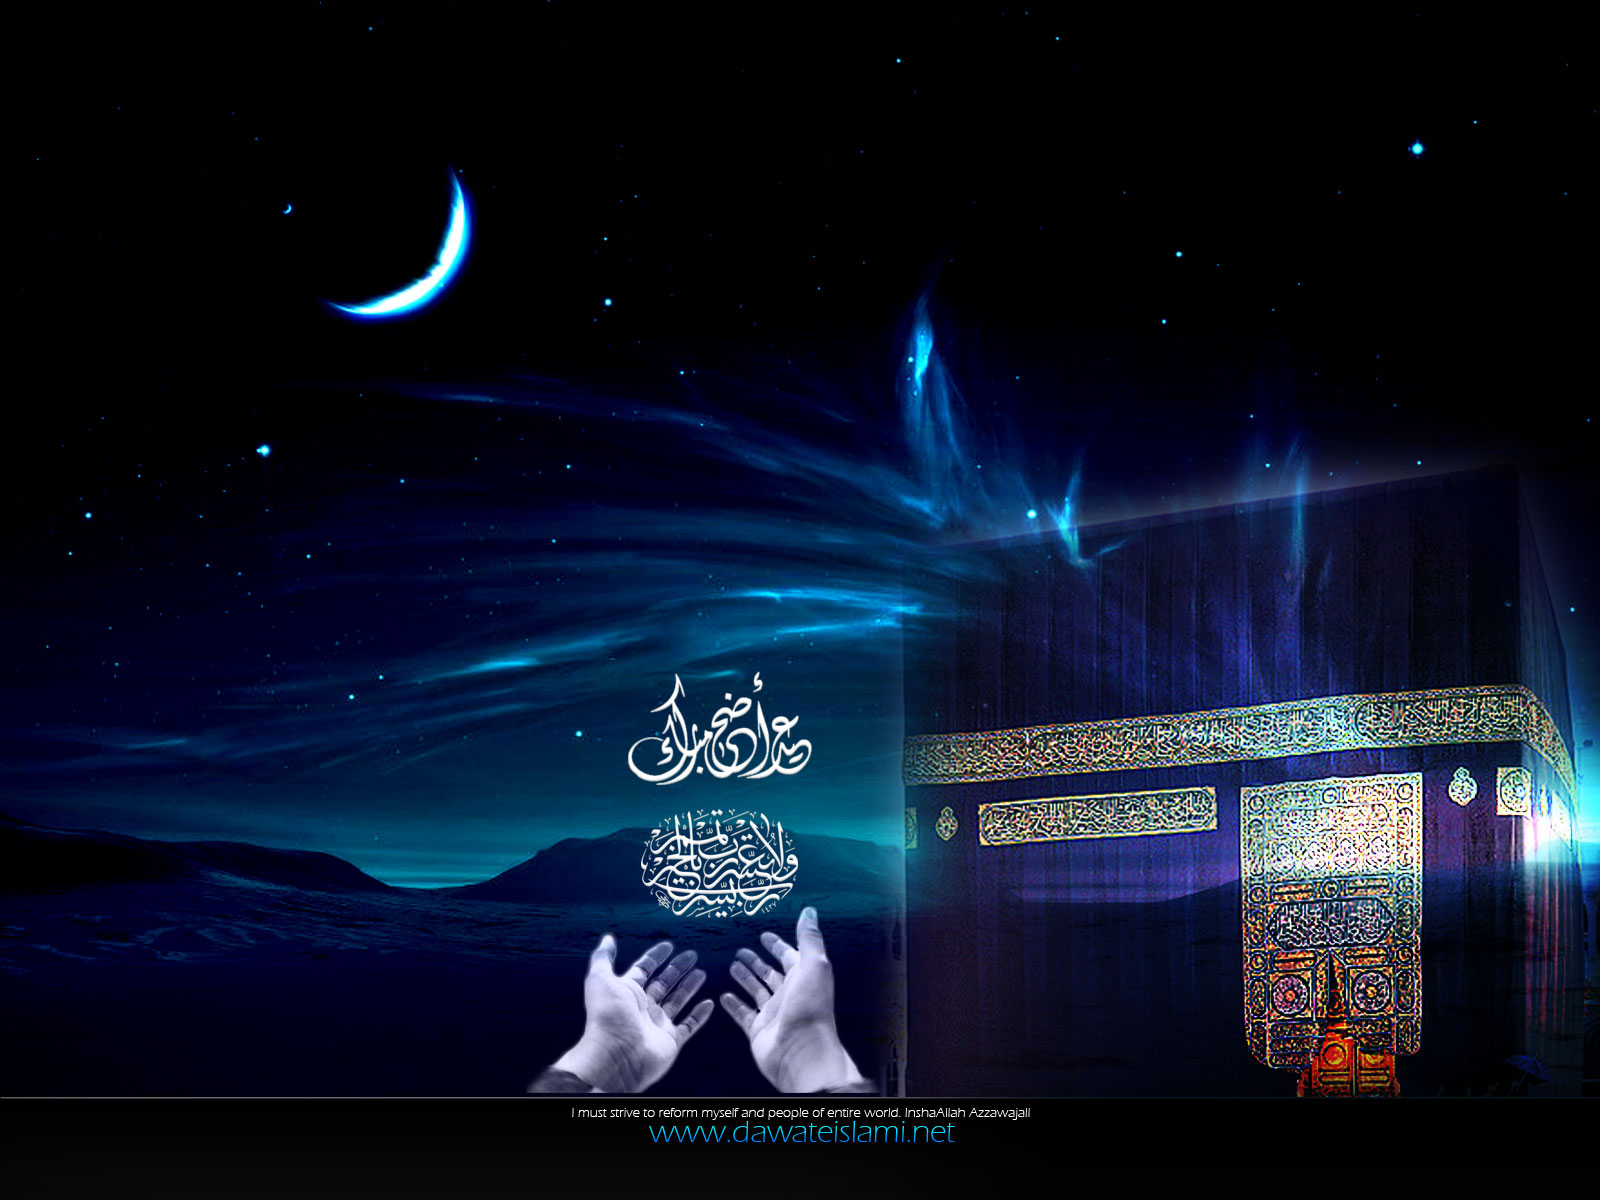 Islamic cover photos of ramadan for facebook 2013